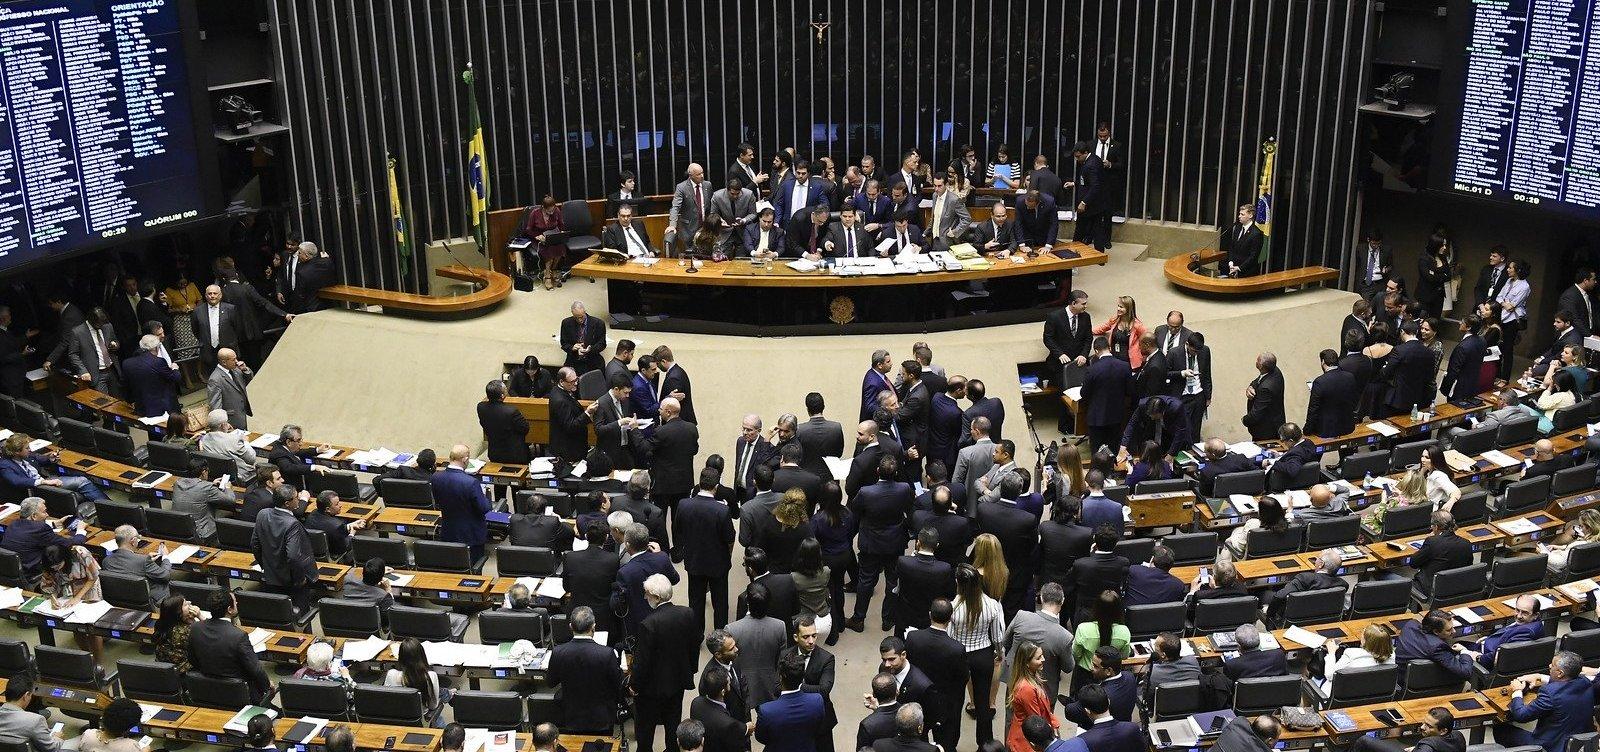 [Congresso aprova projetos que destinam R$ 28,5 bilhões para ministérios e órgãos]